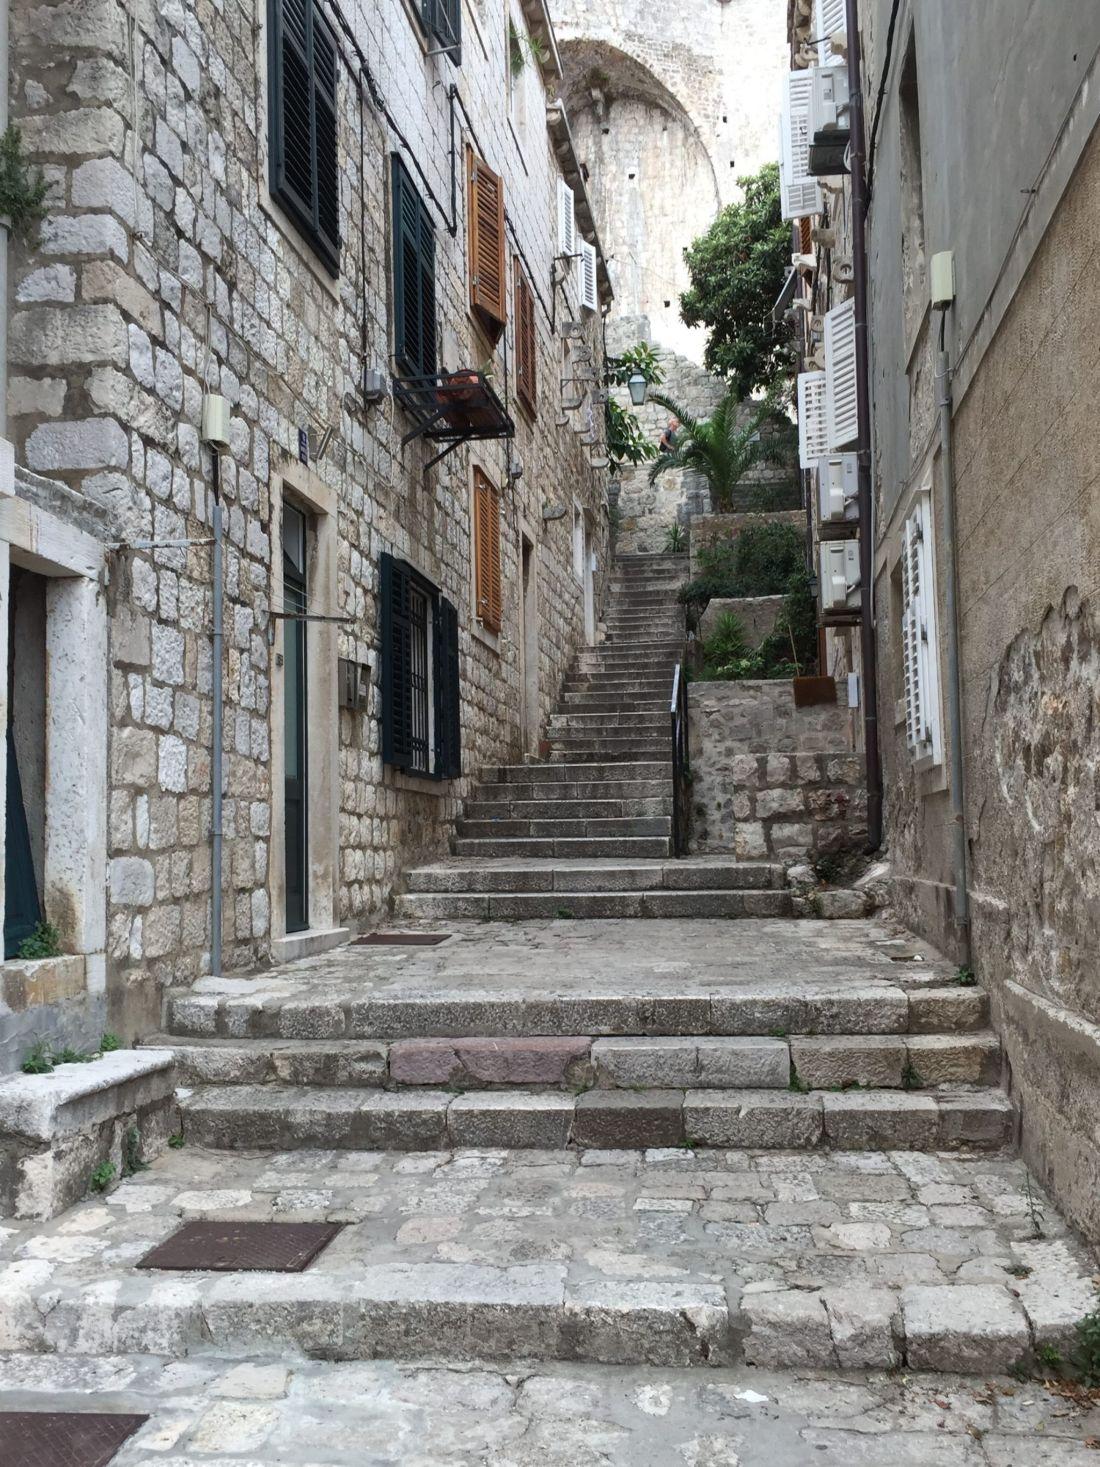 Old stairs of Dubrovnik, Croatia